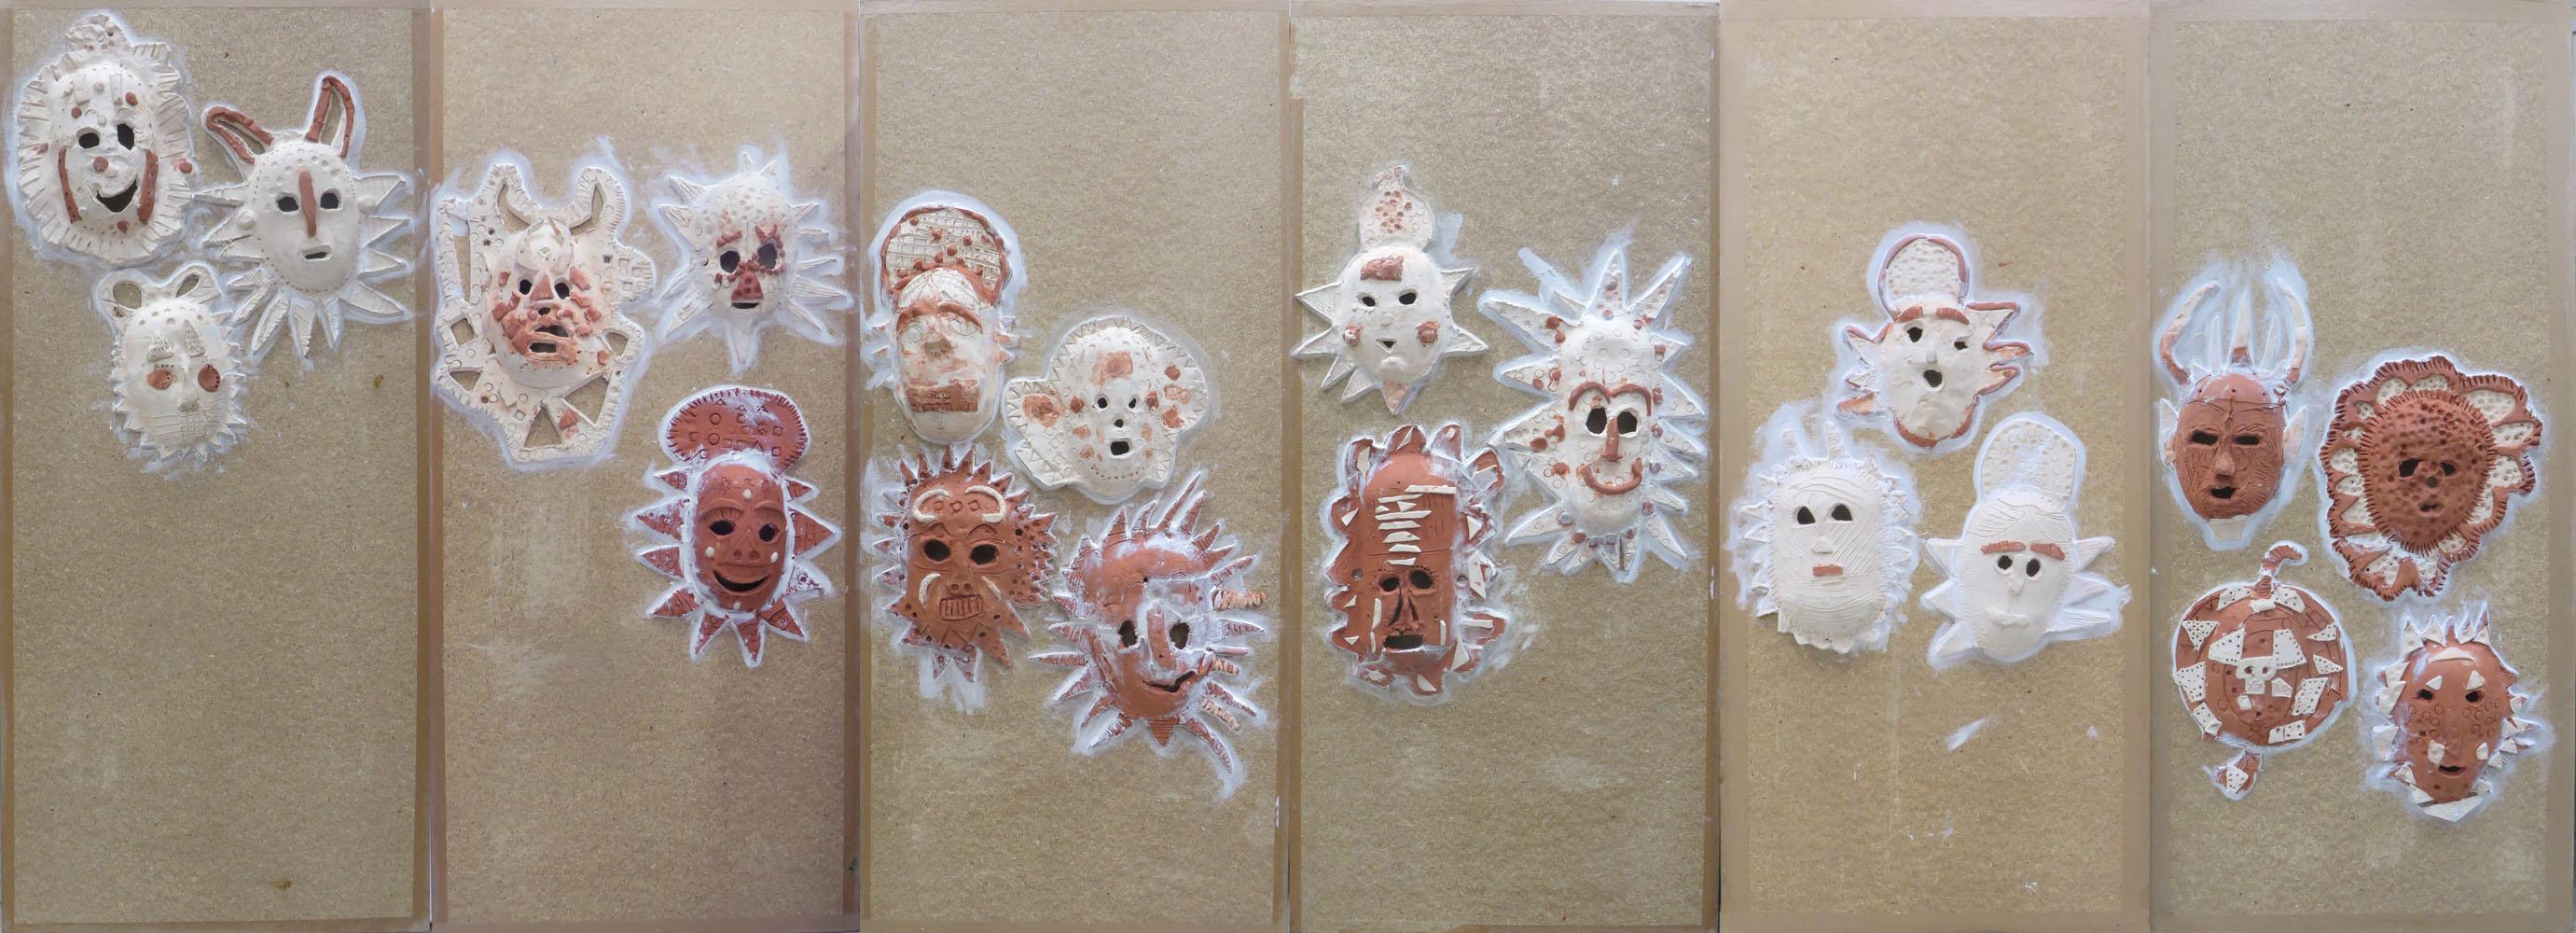 Collage des masques en céramique sur les panneaux en bois